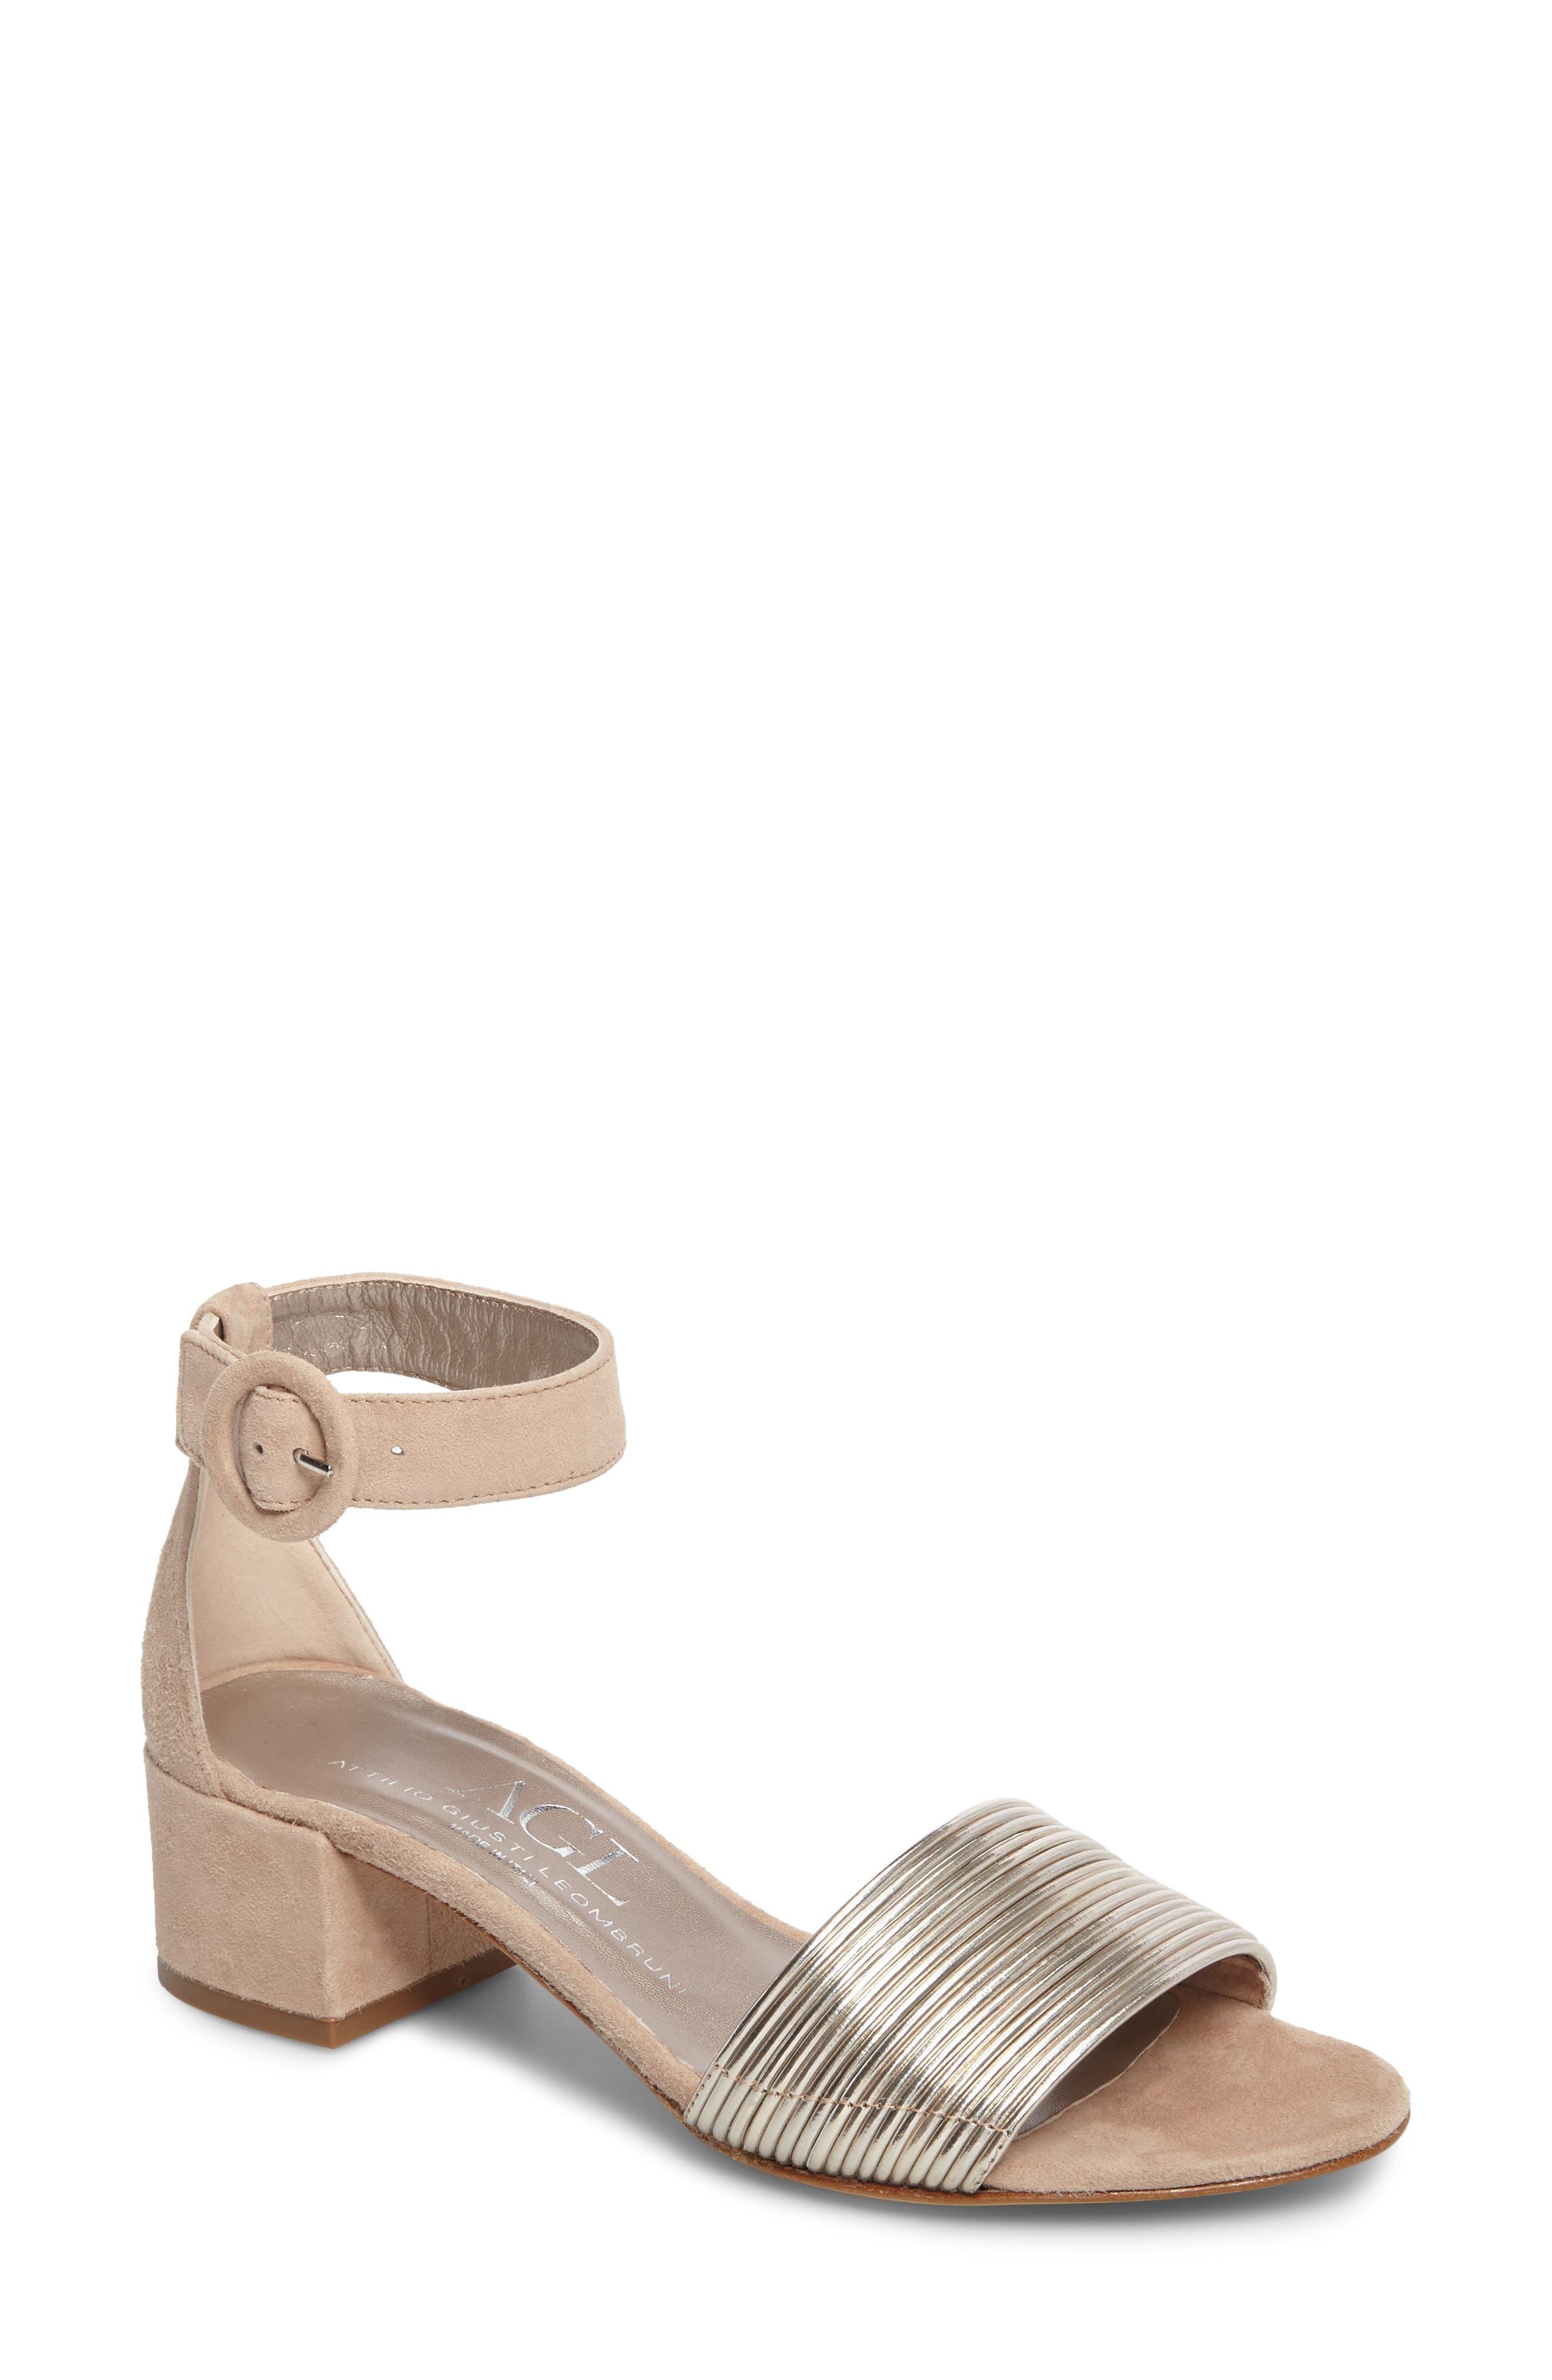 Ankle Strap Sandal,                             Main thumbnail 1, color,                             Platinum Leather